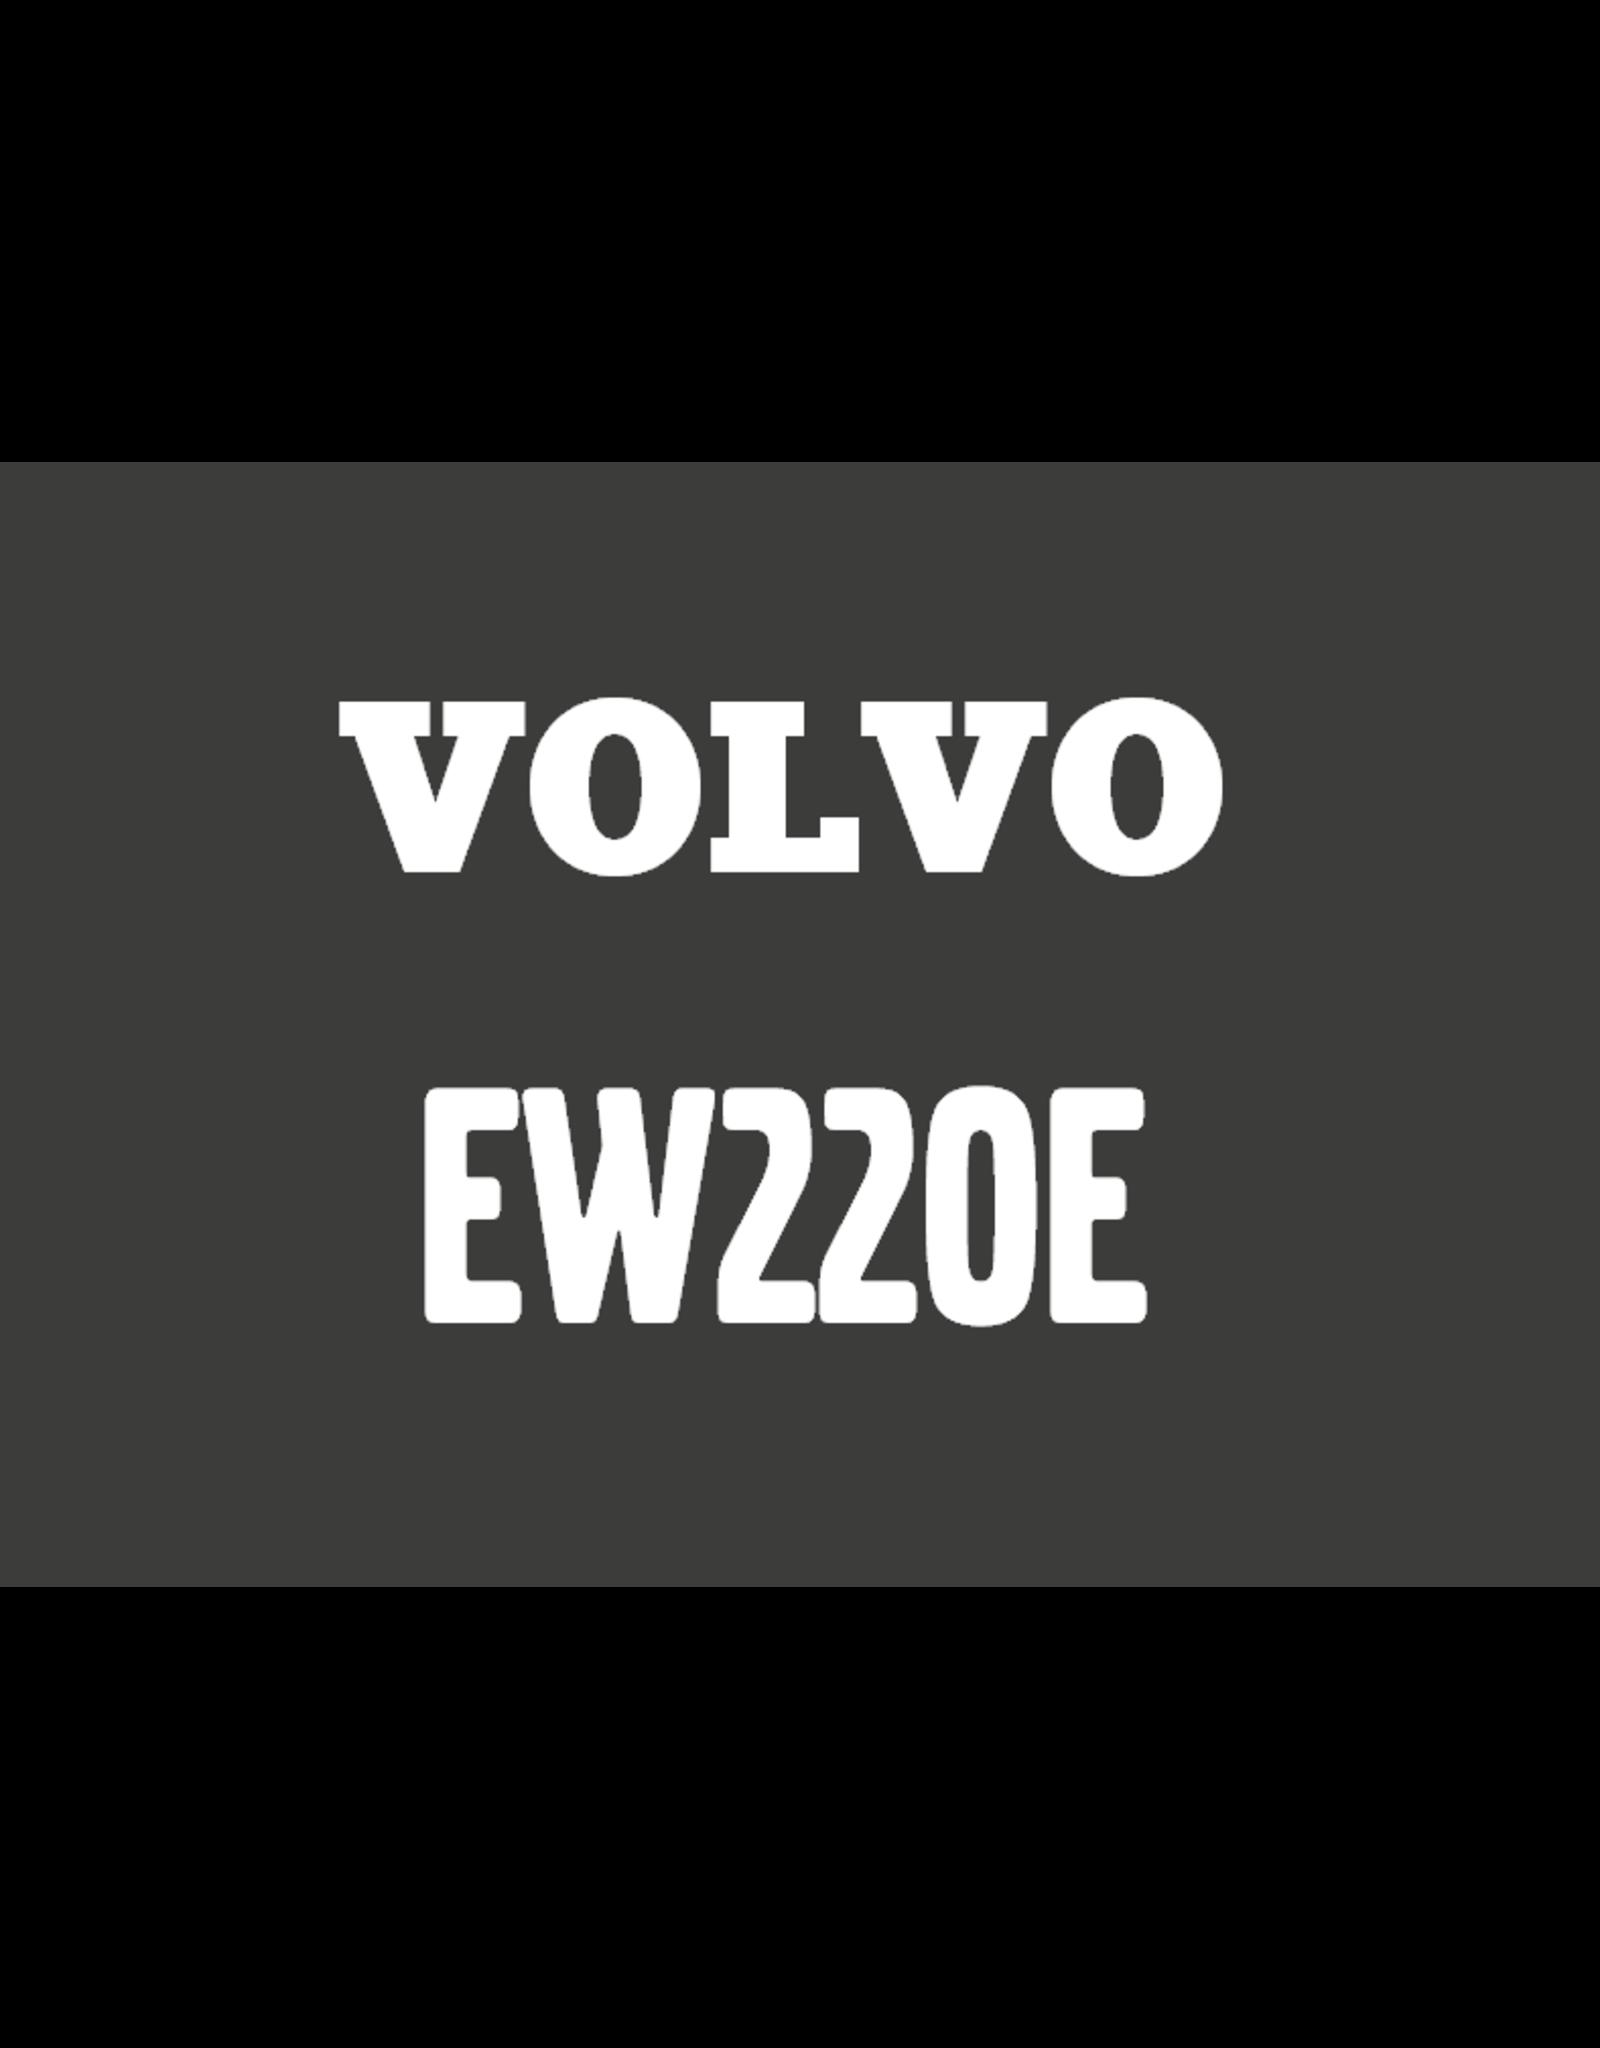 Echle Hartstahl GmbH FOPS für Volvo EW220E